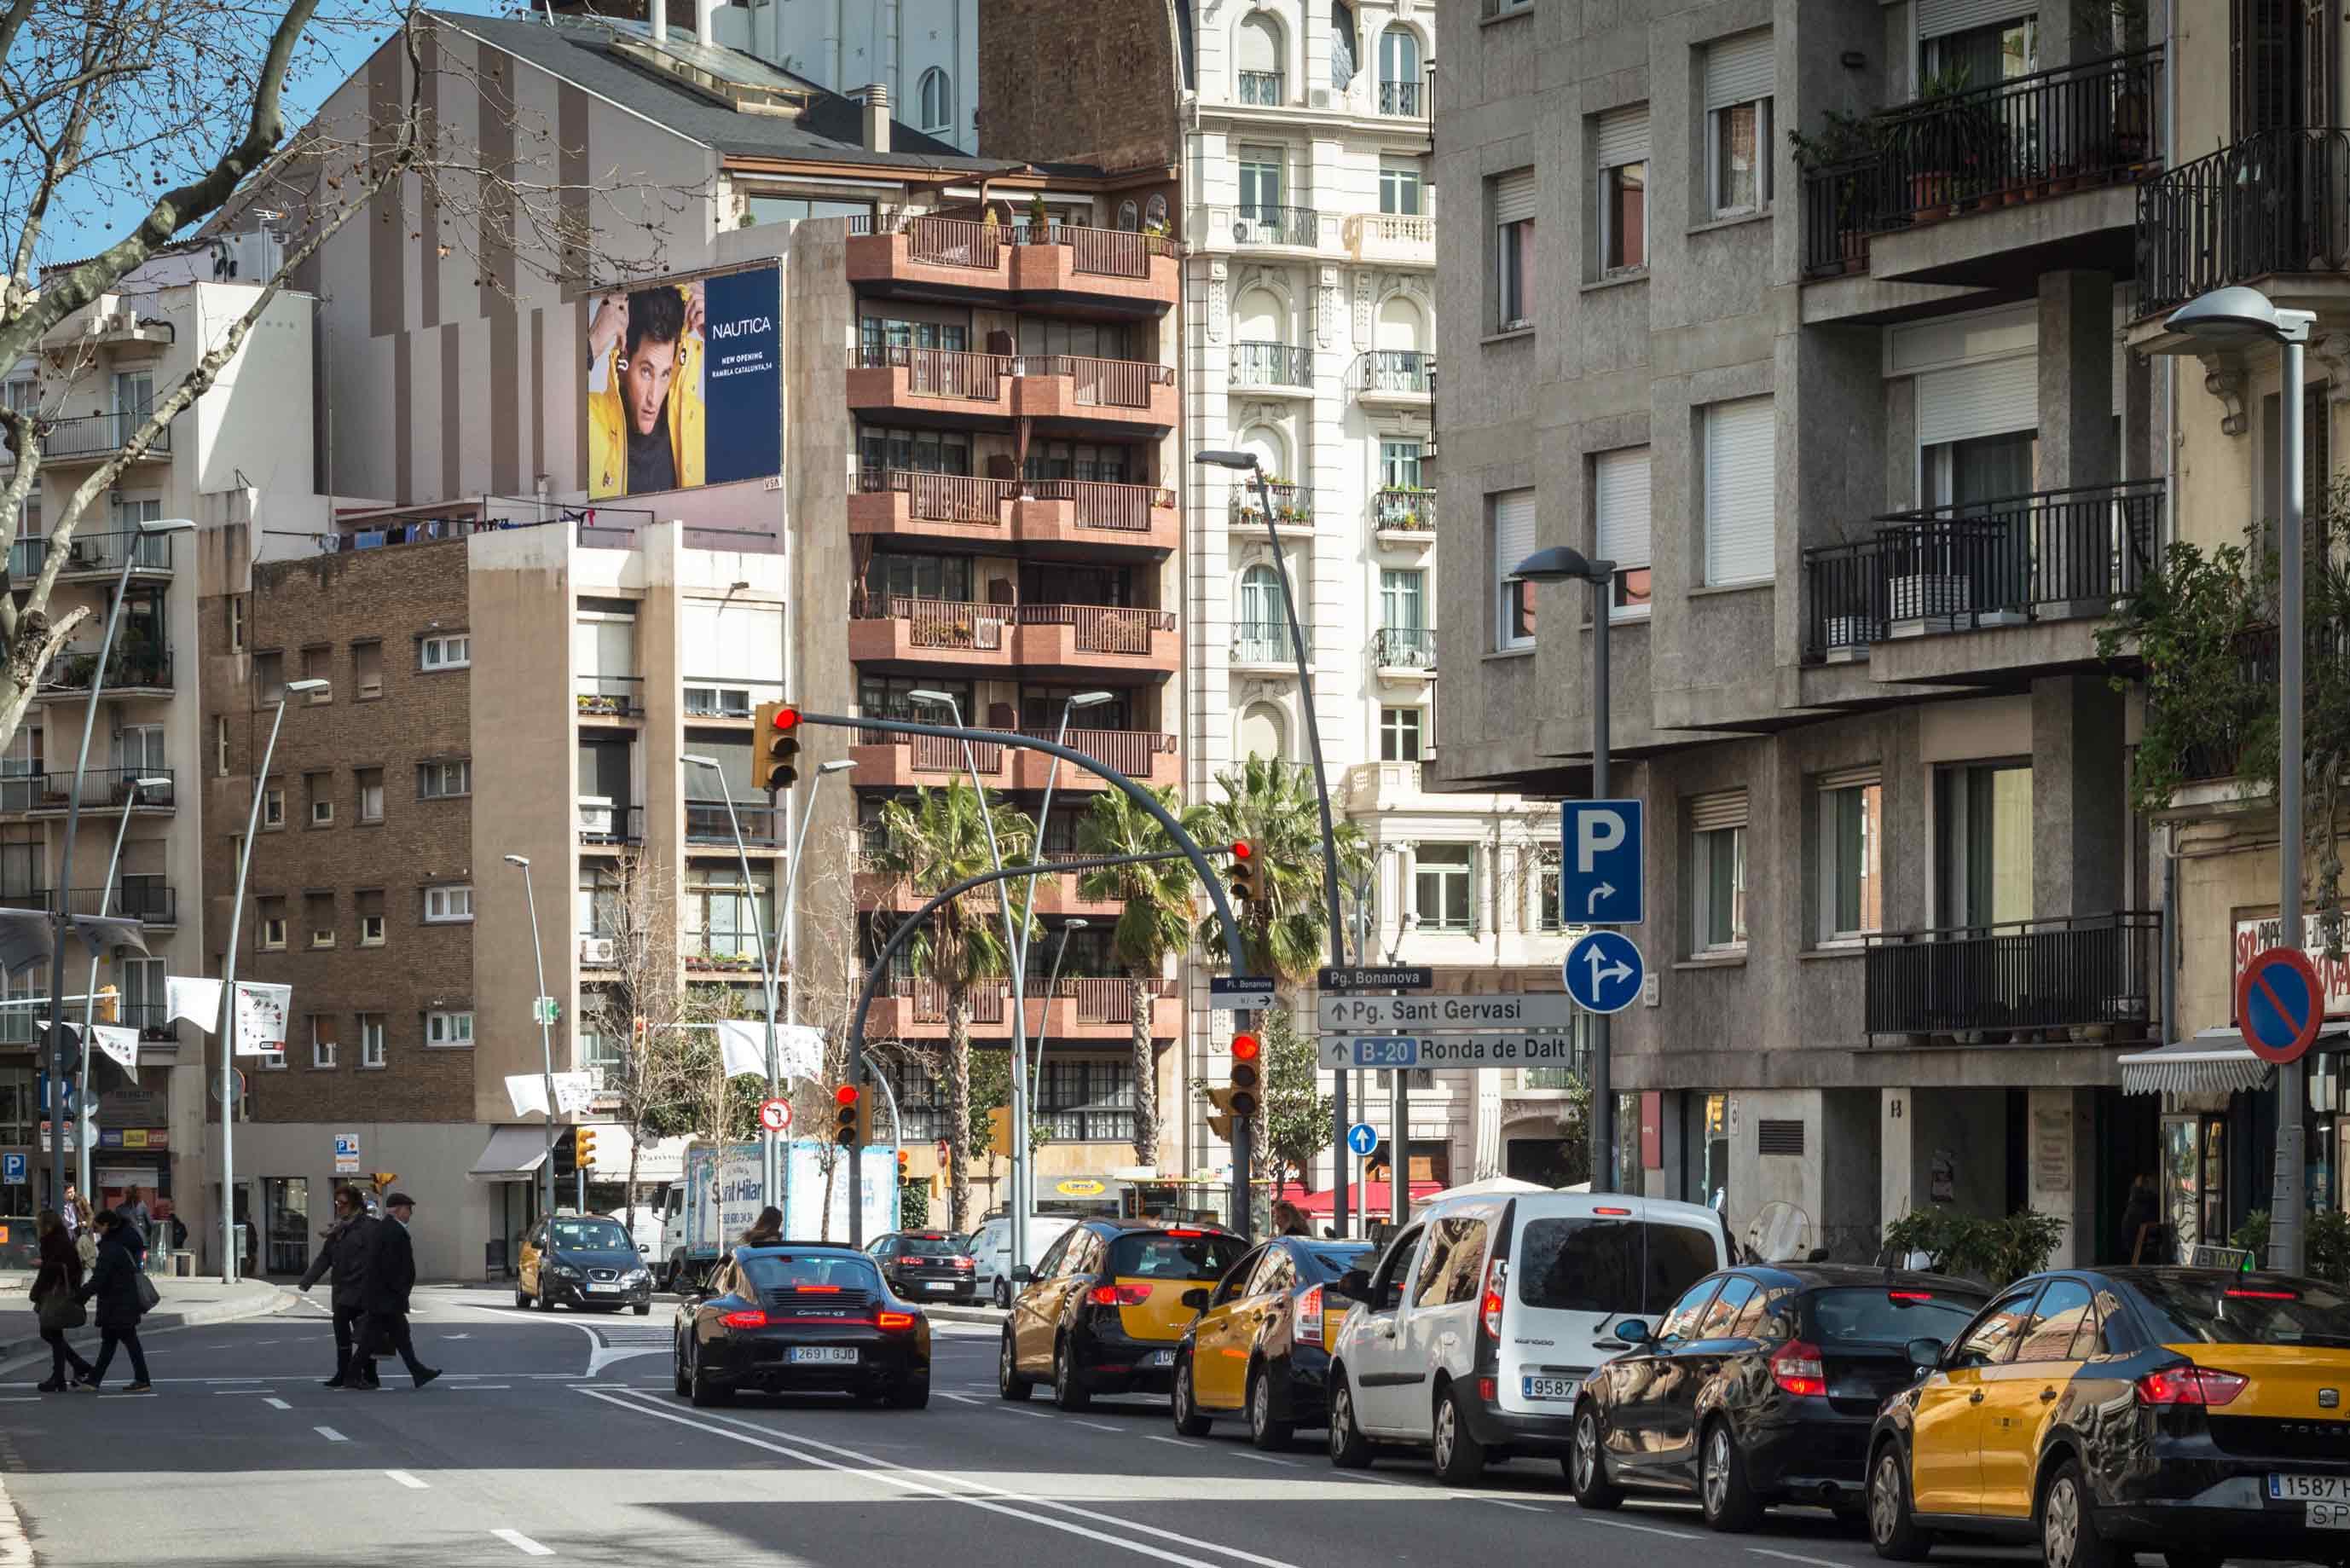 pym-barcelona-plaza-bonanova-lacoste-nautica-vsa-comunicacion